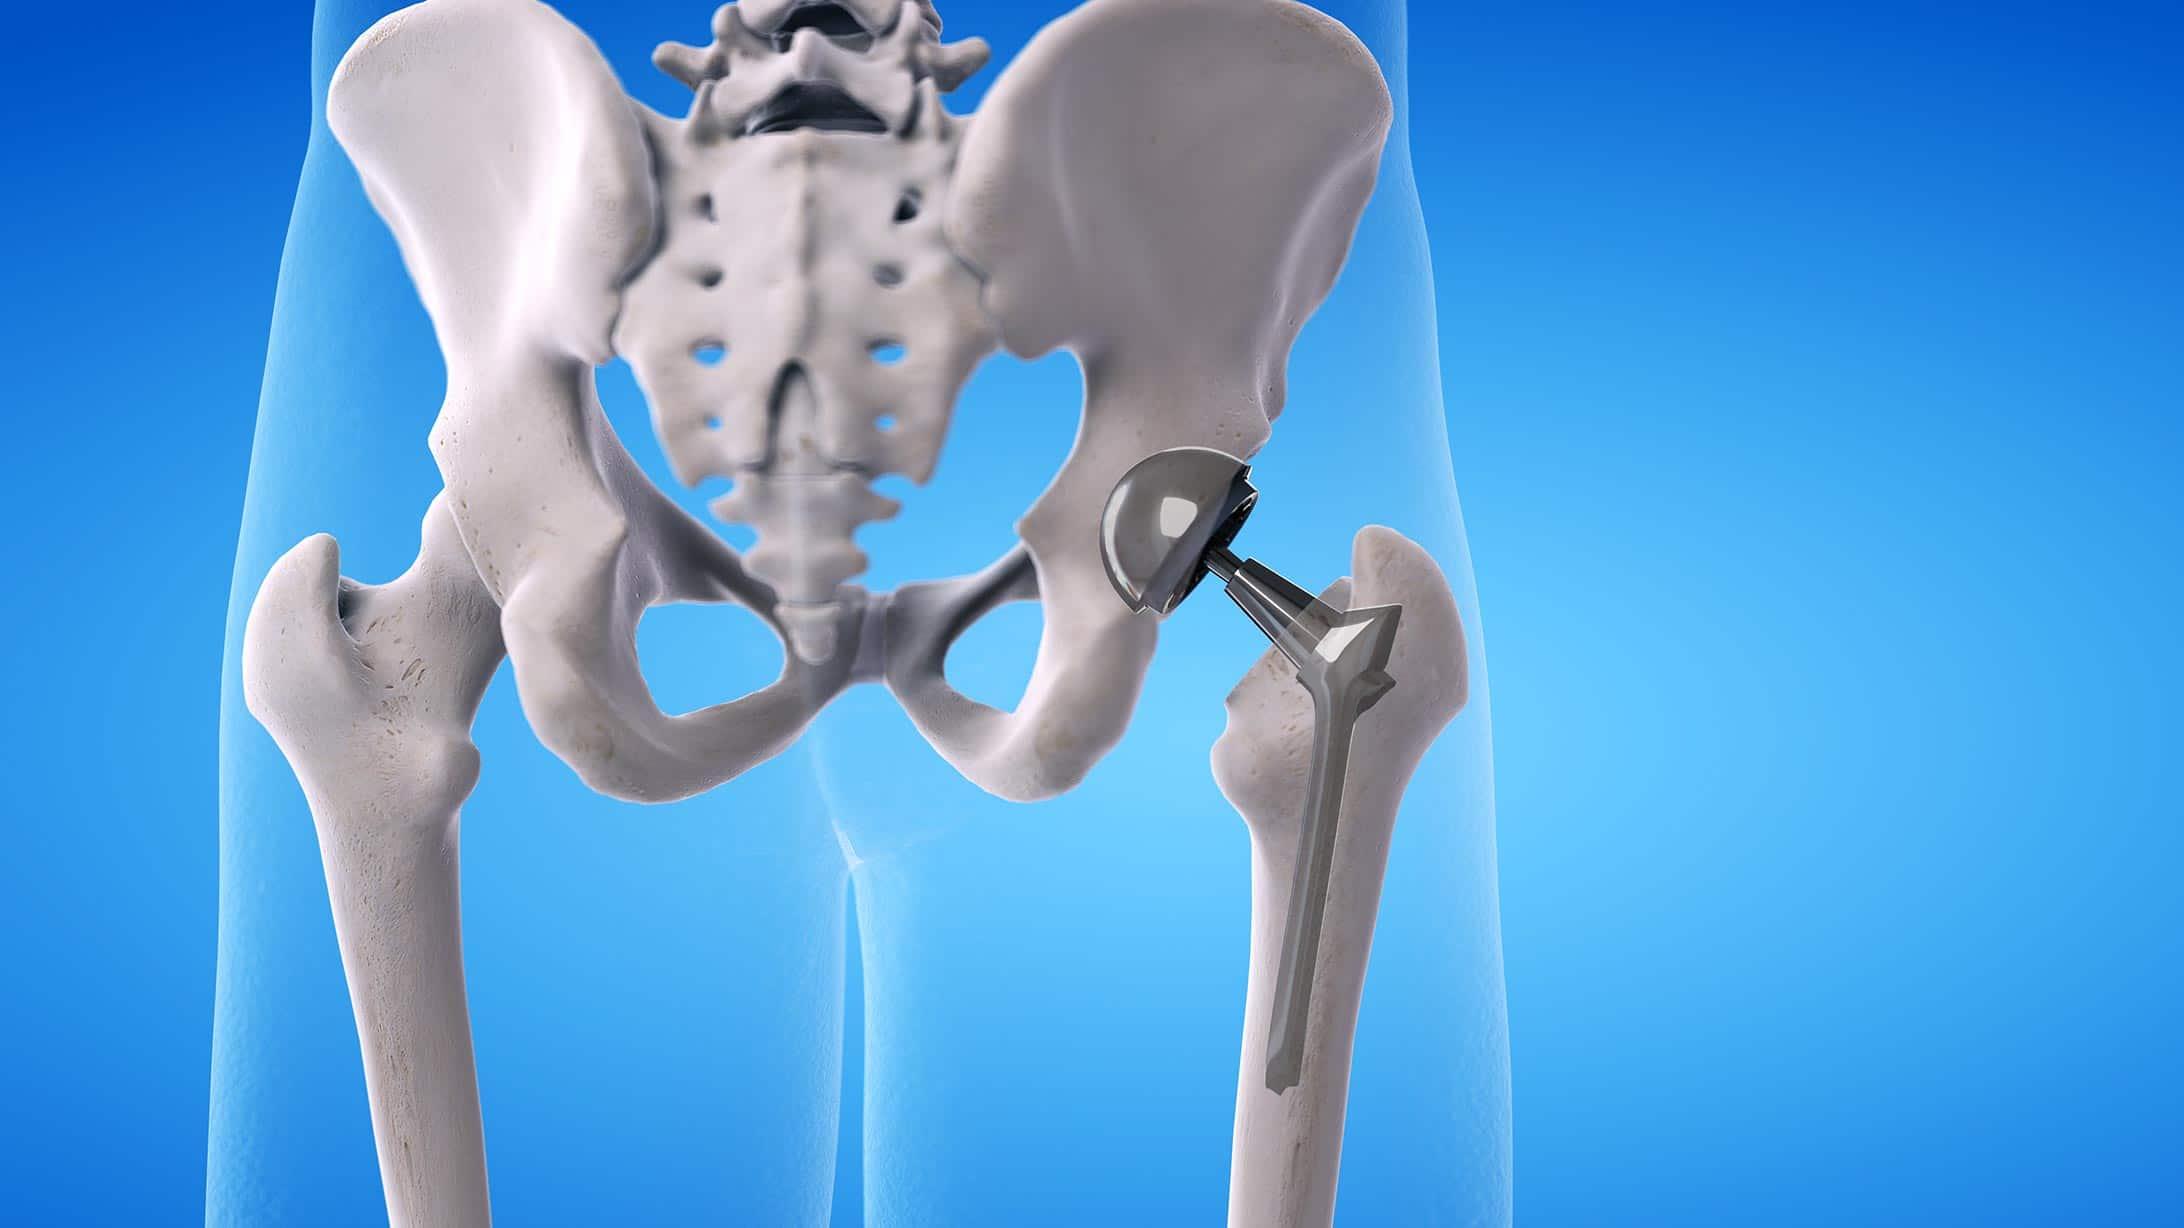 Ein Modell einer eingesetzten künstlichen Hüfte im Skelett